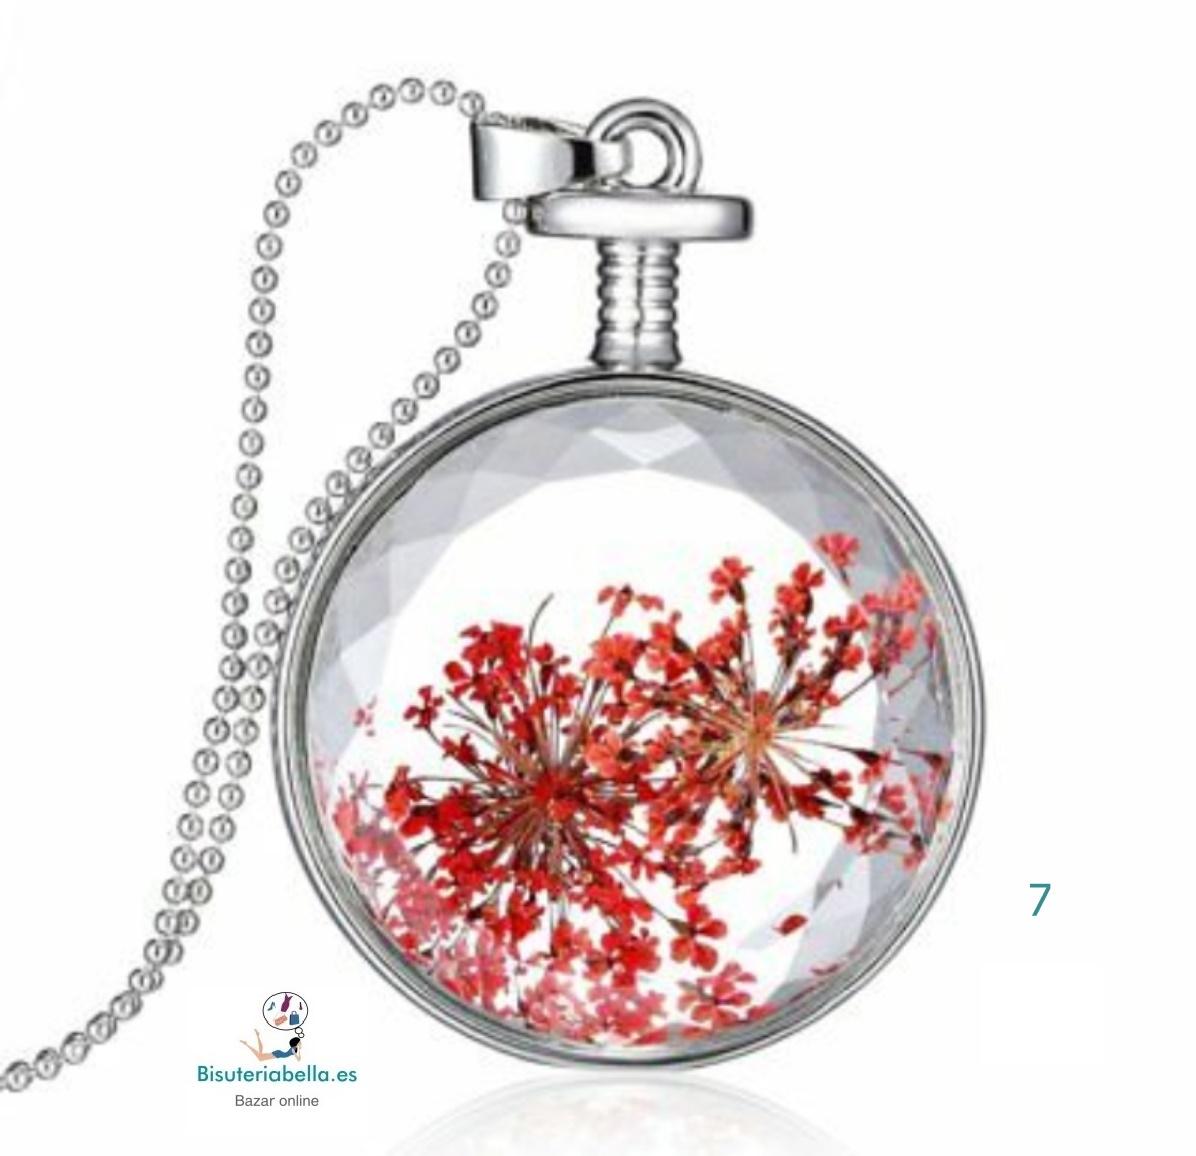 Colgante en forma de botella con flor dentro